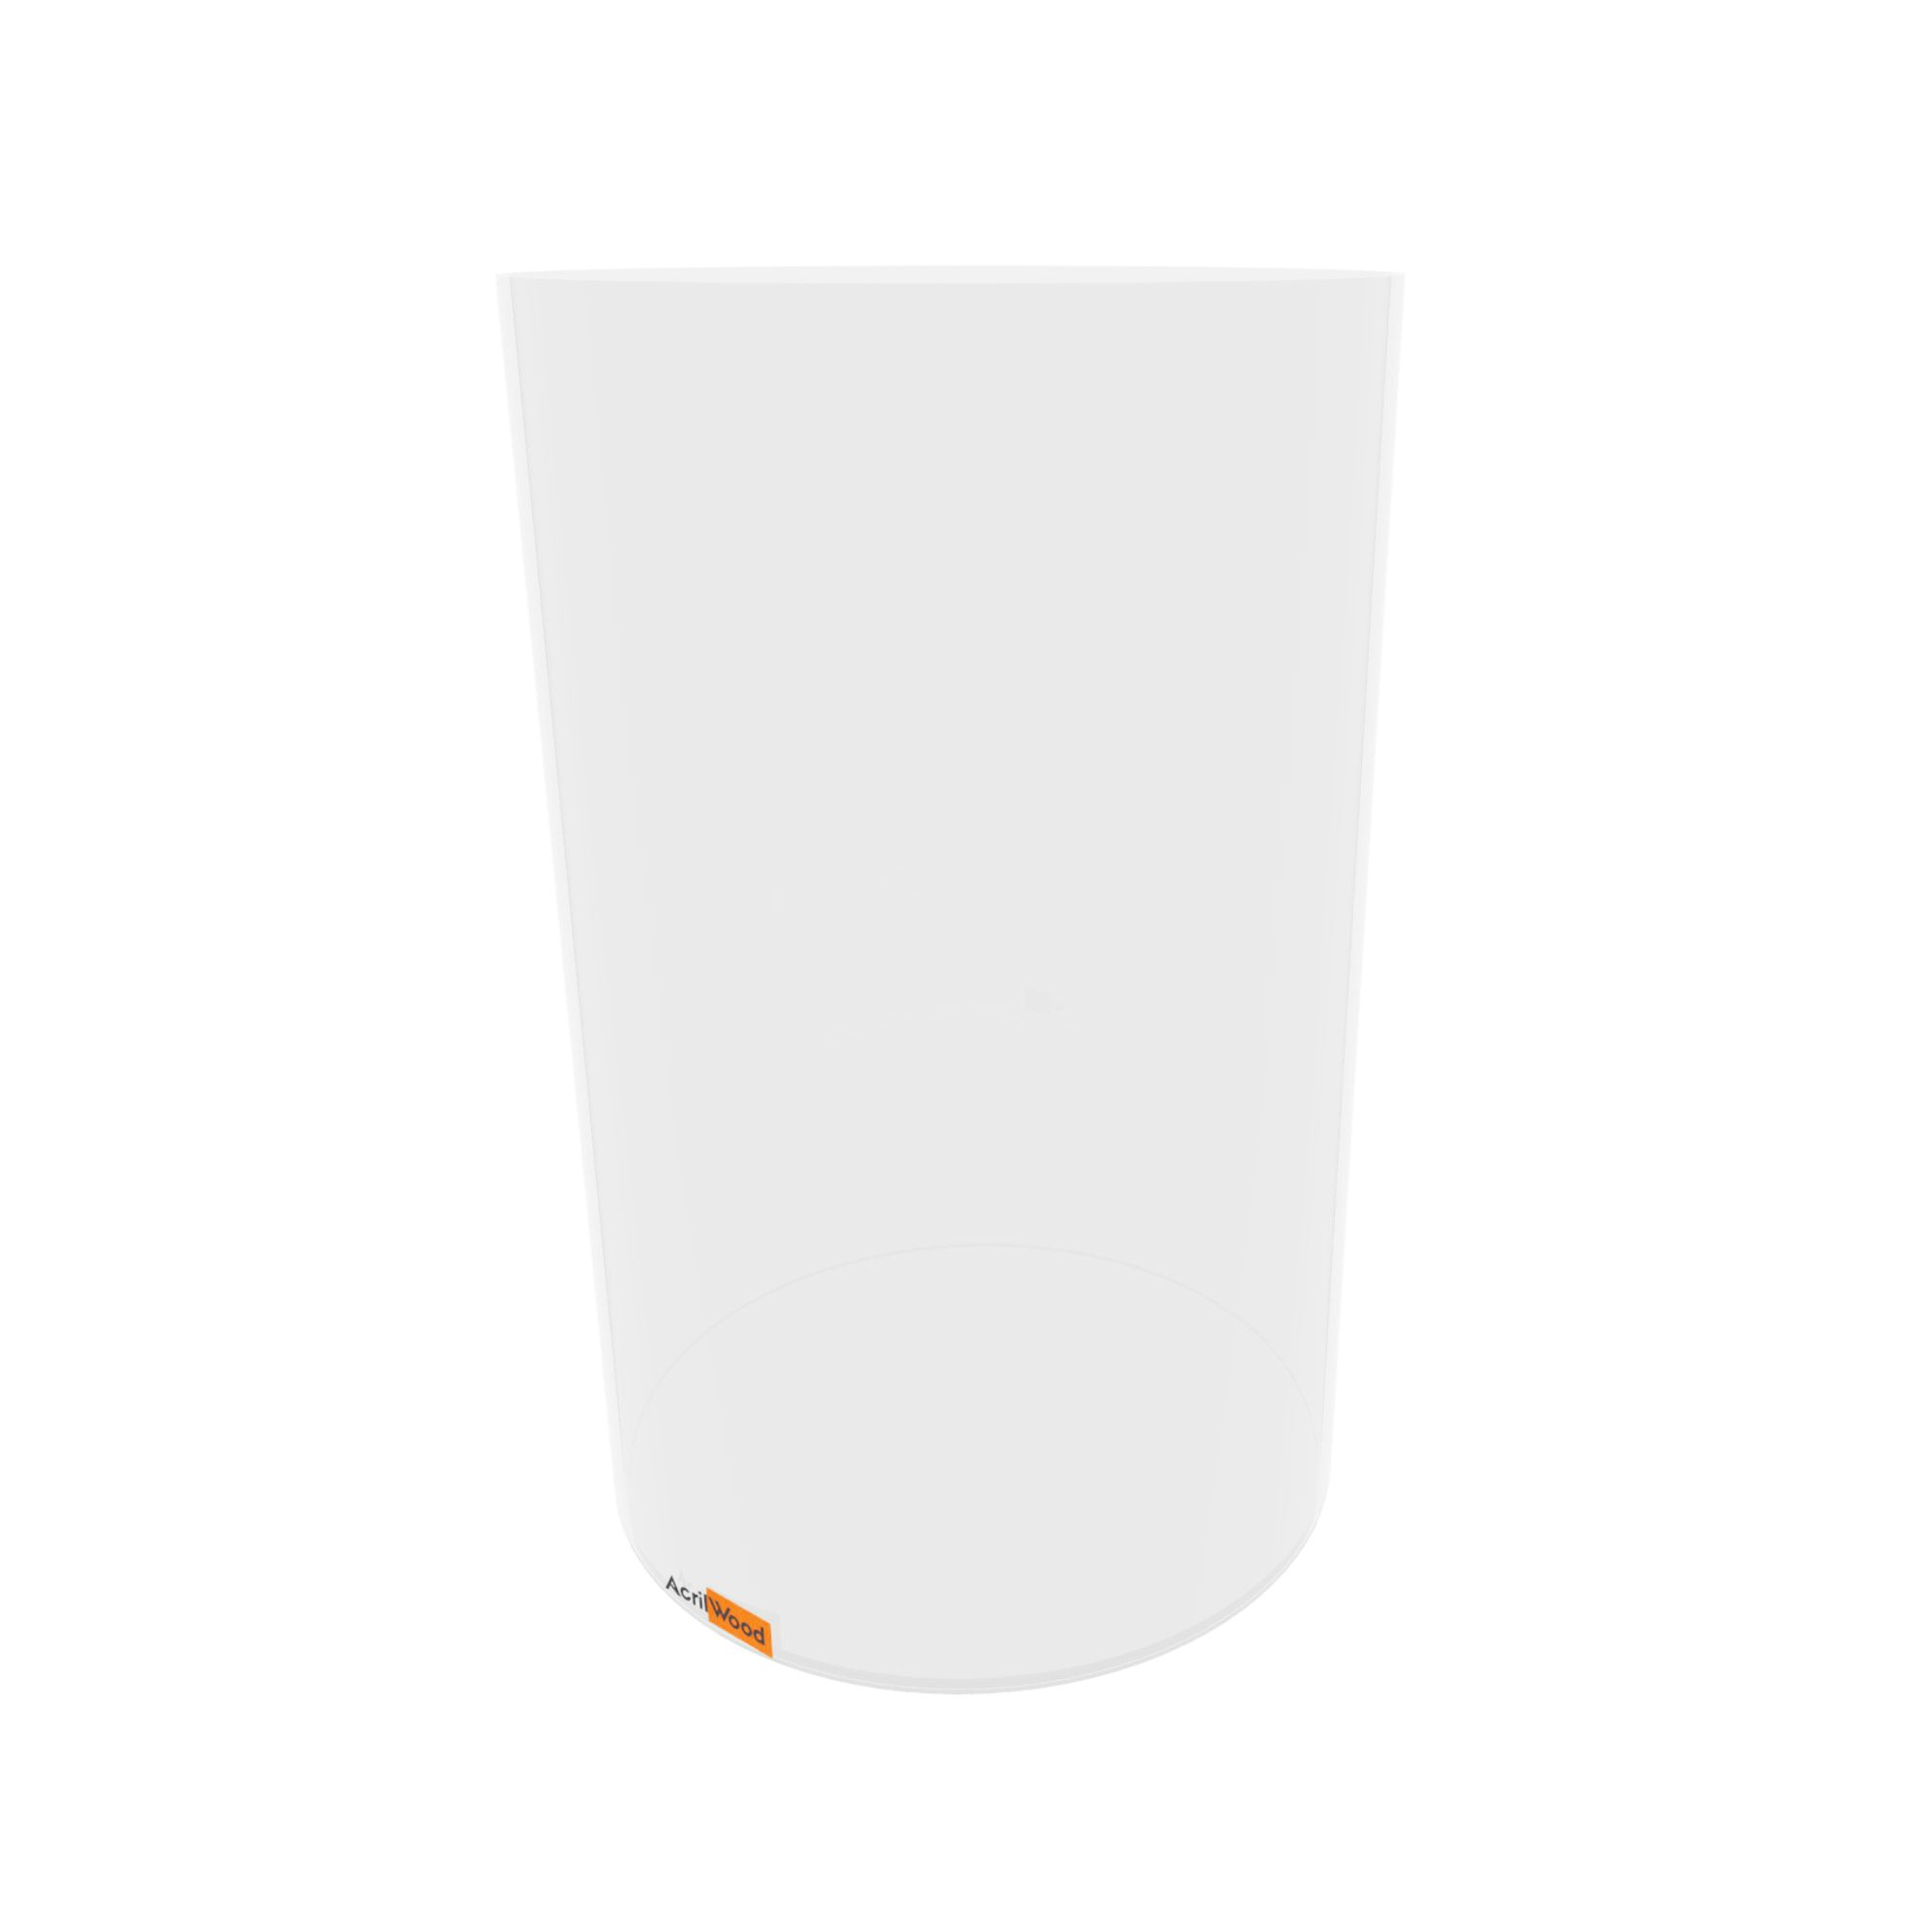 Caixa Redonda Em Acrílico Cristal  - 25x40cm